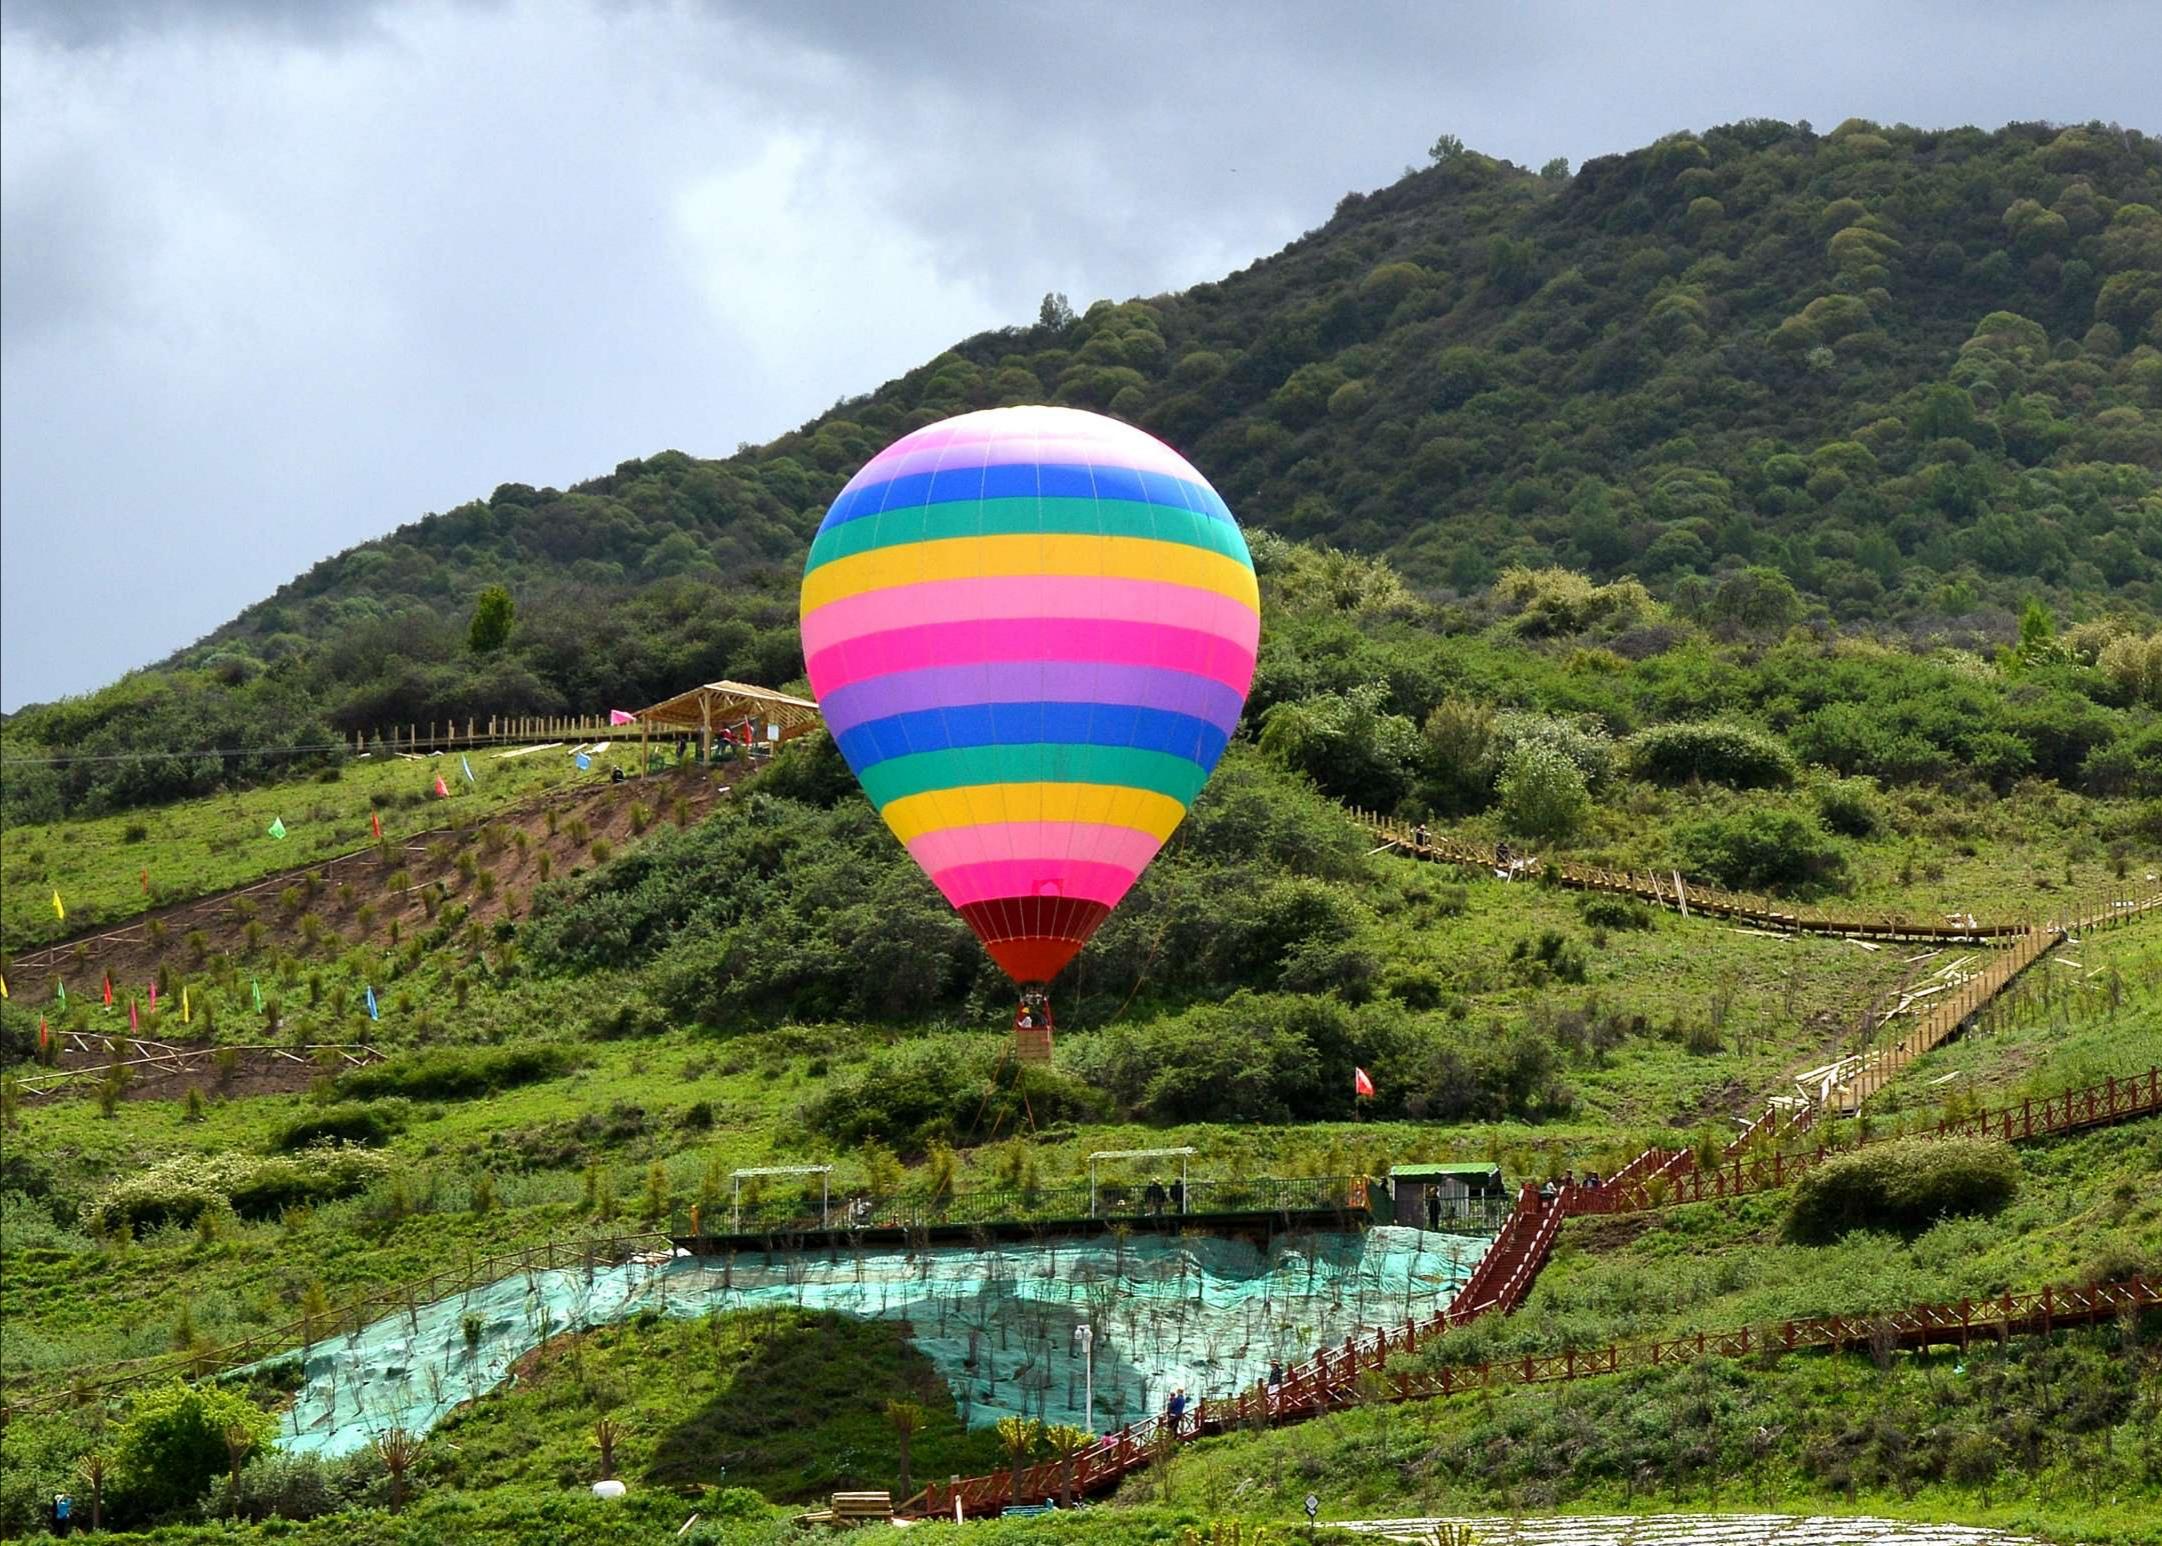 生态美景引客来 乡村旅游富村民